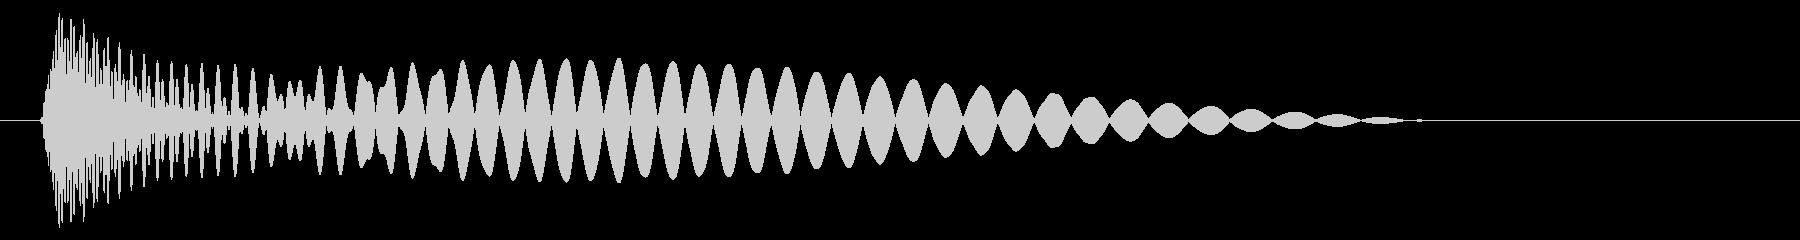 ポン(かわいい音色)の未再生の波形